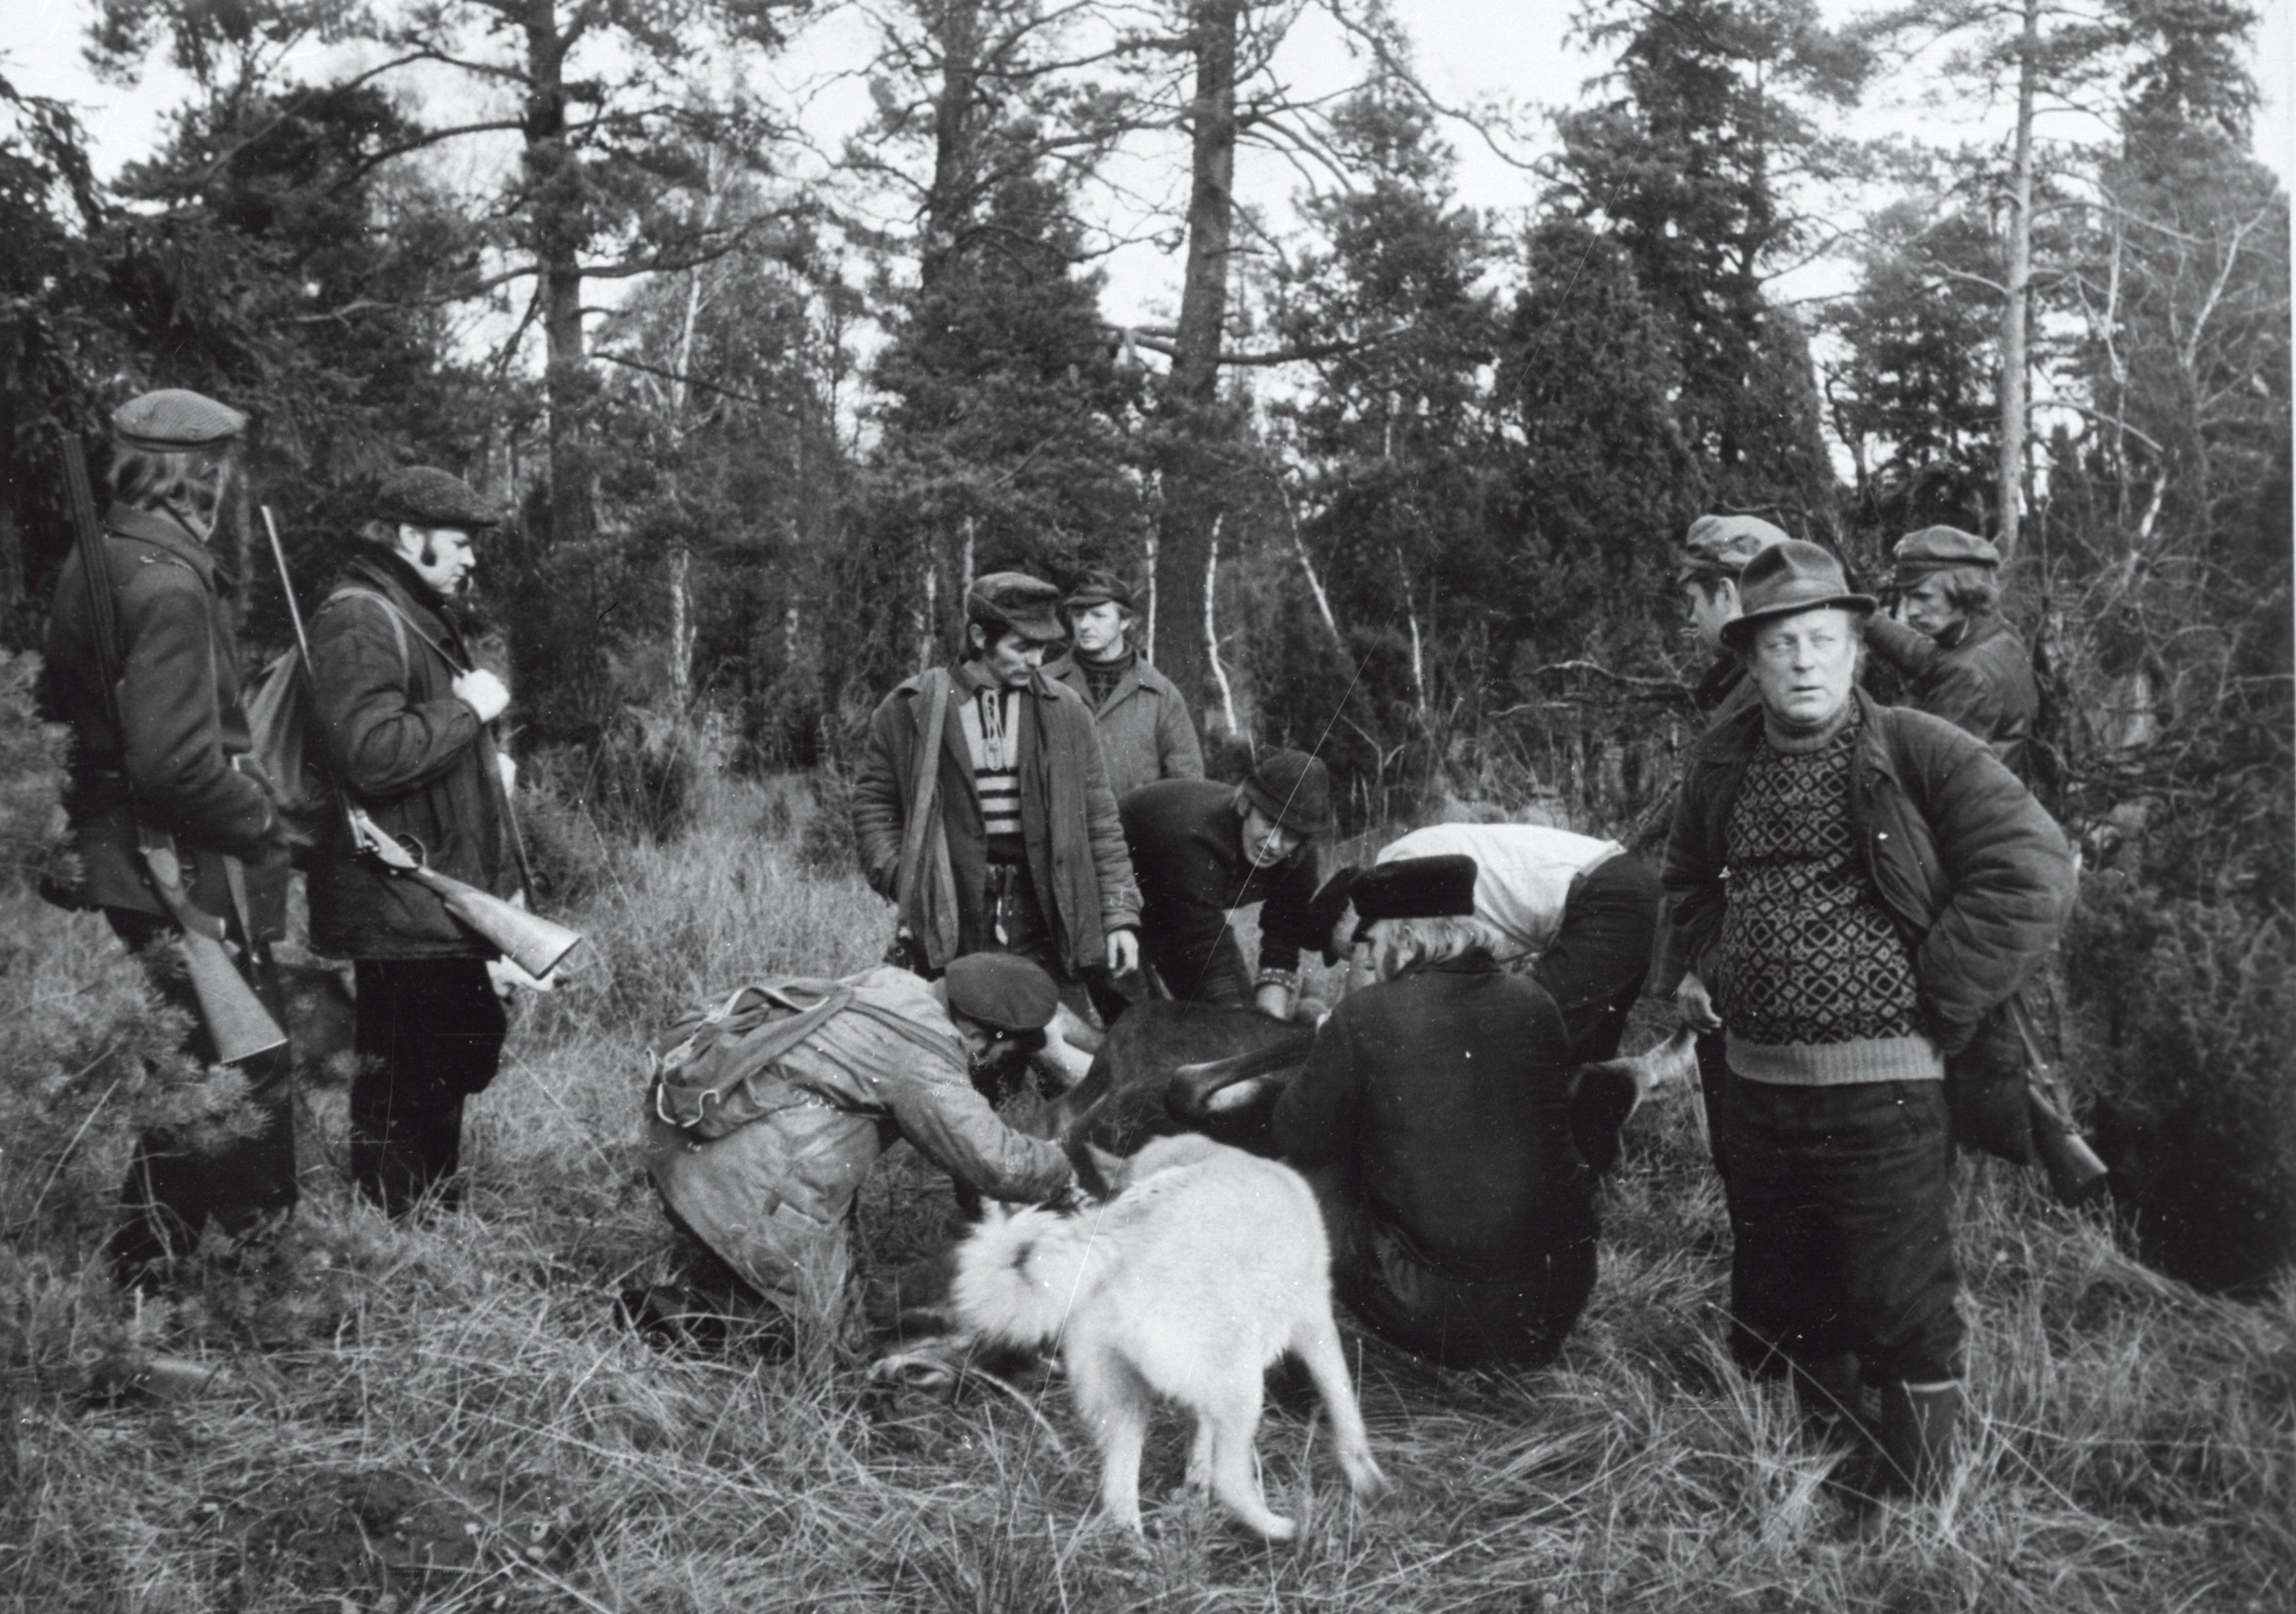 Tehase Ilmarine jahimehed pärast jahti, 1978. EFA.332.0-110300